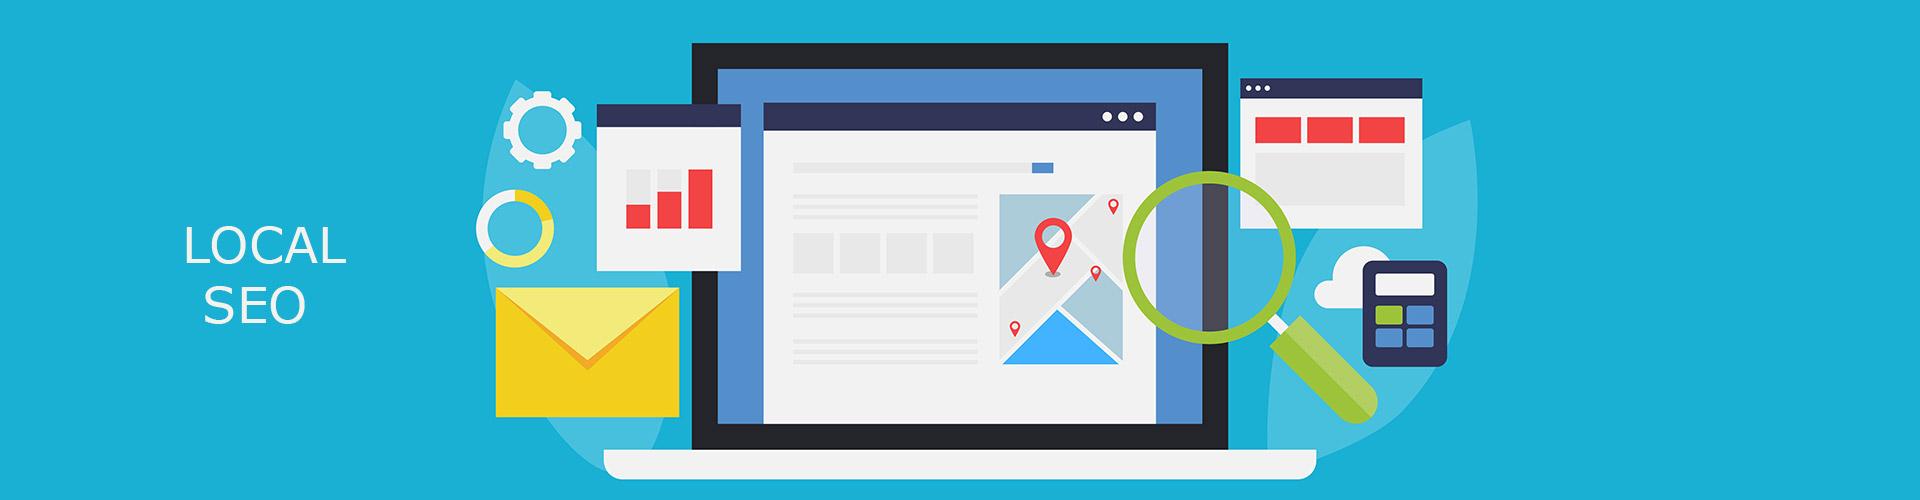 Plano Local SEO Search Engine Optimization Services